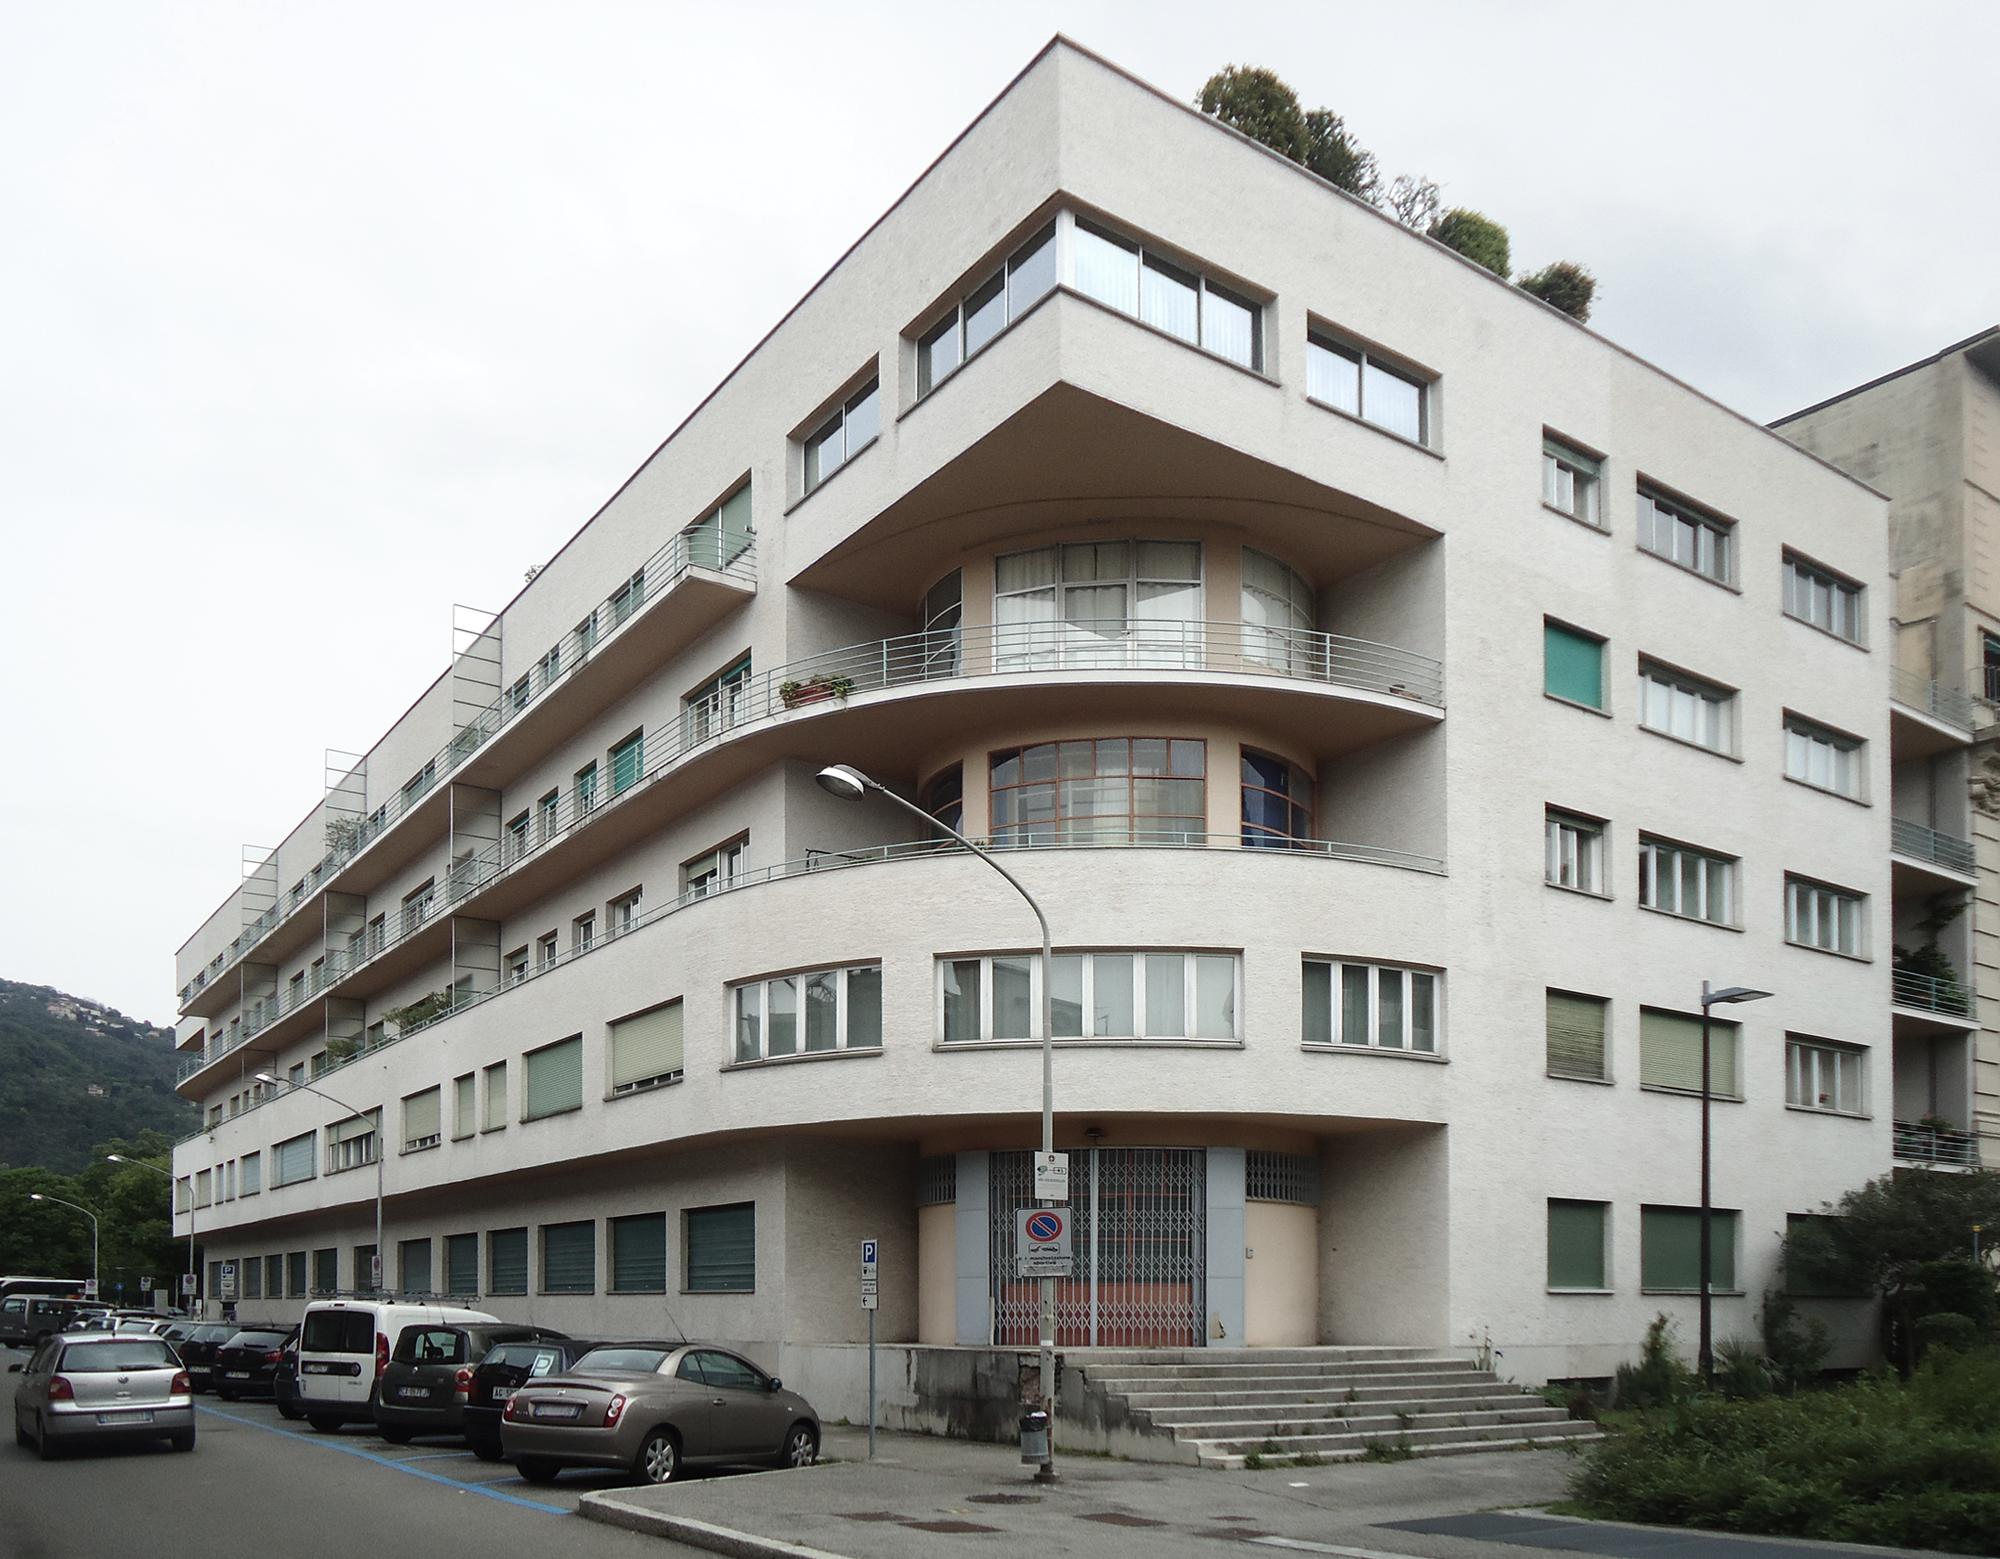 En Viaje: edificios emblemáticos de Giuseppe Terragni